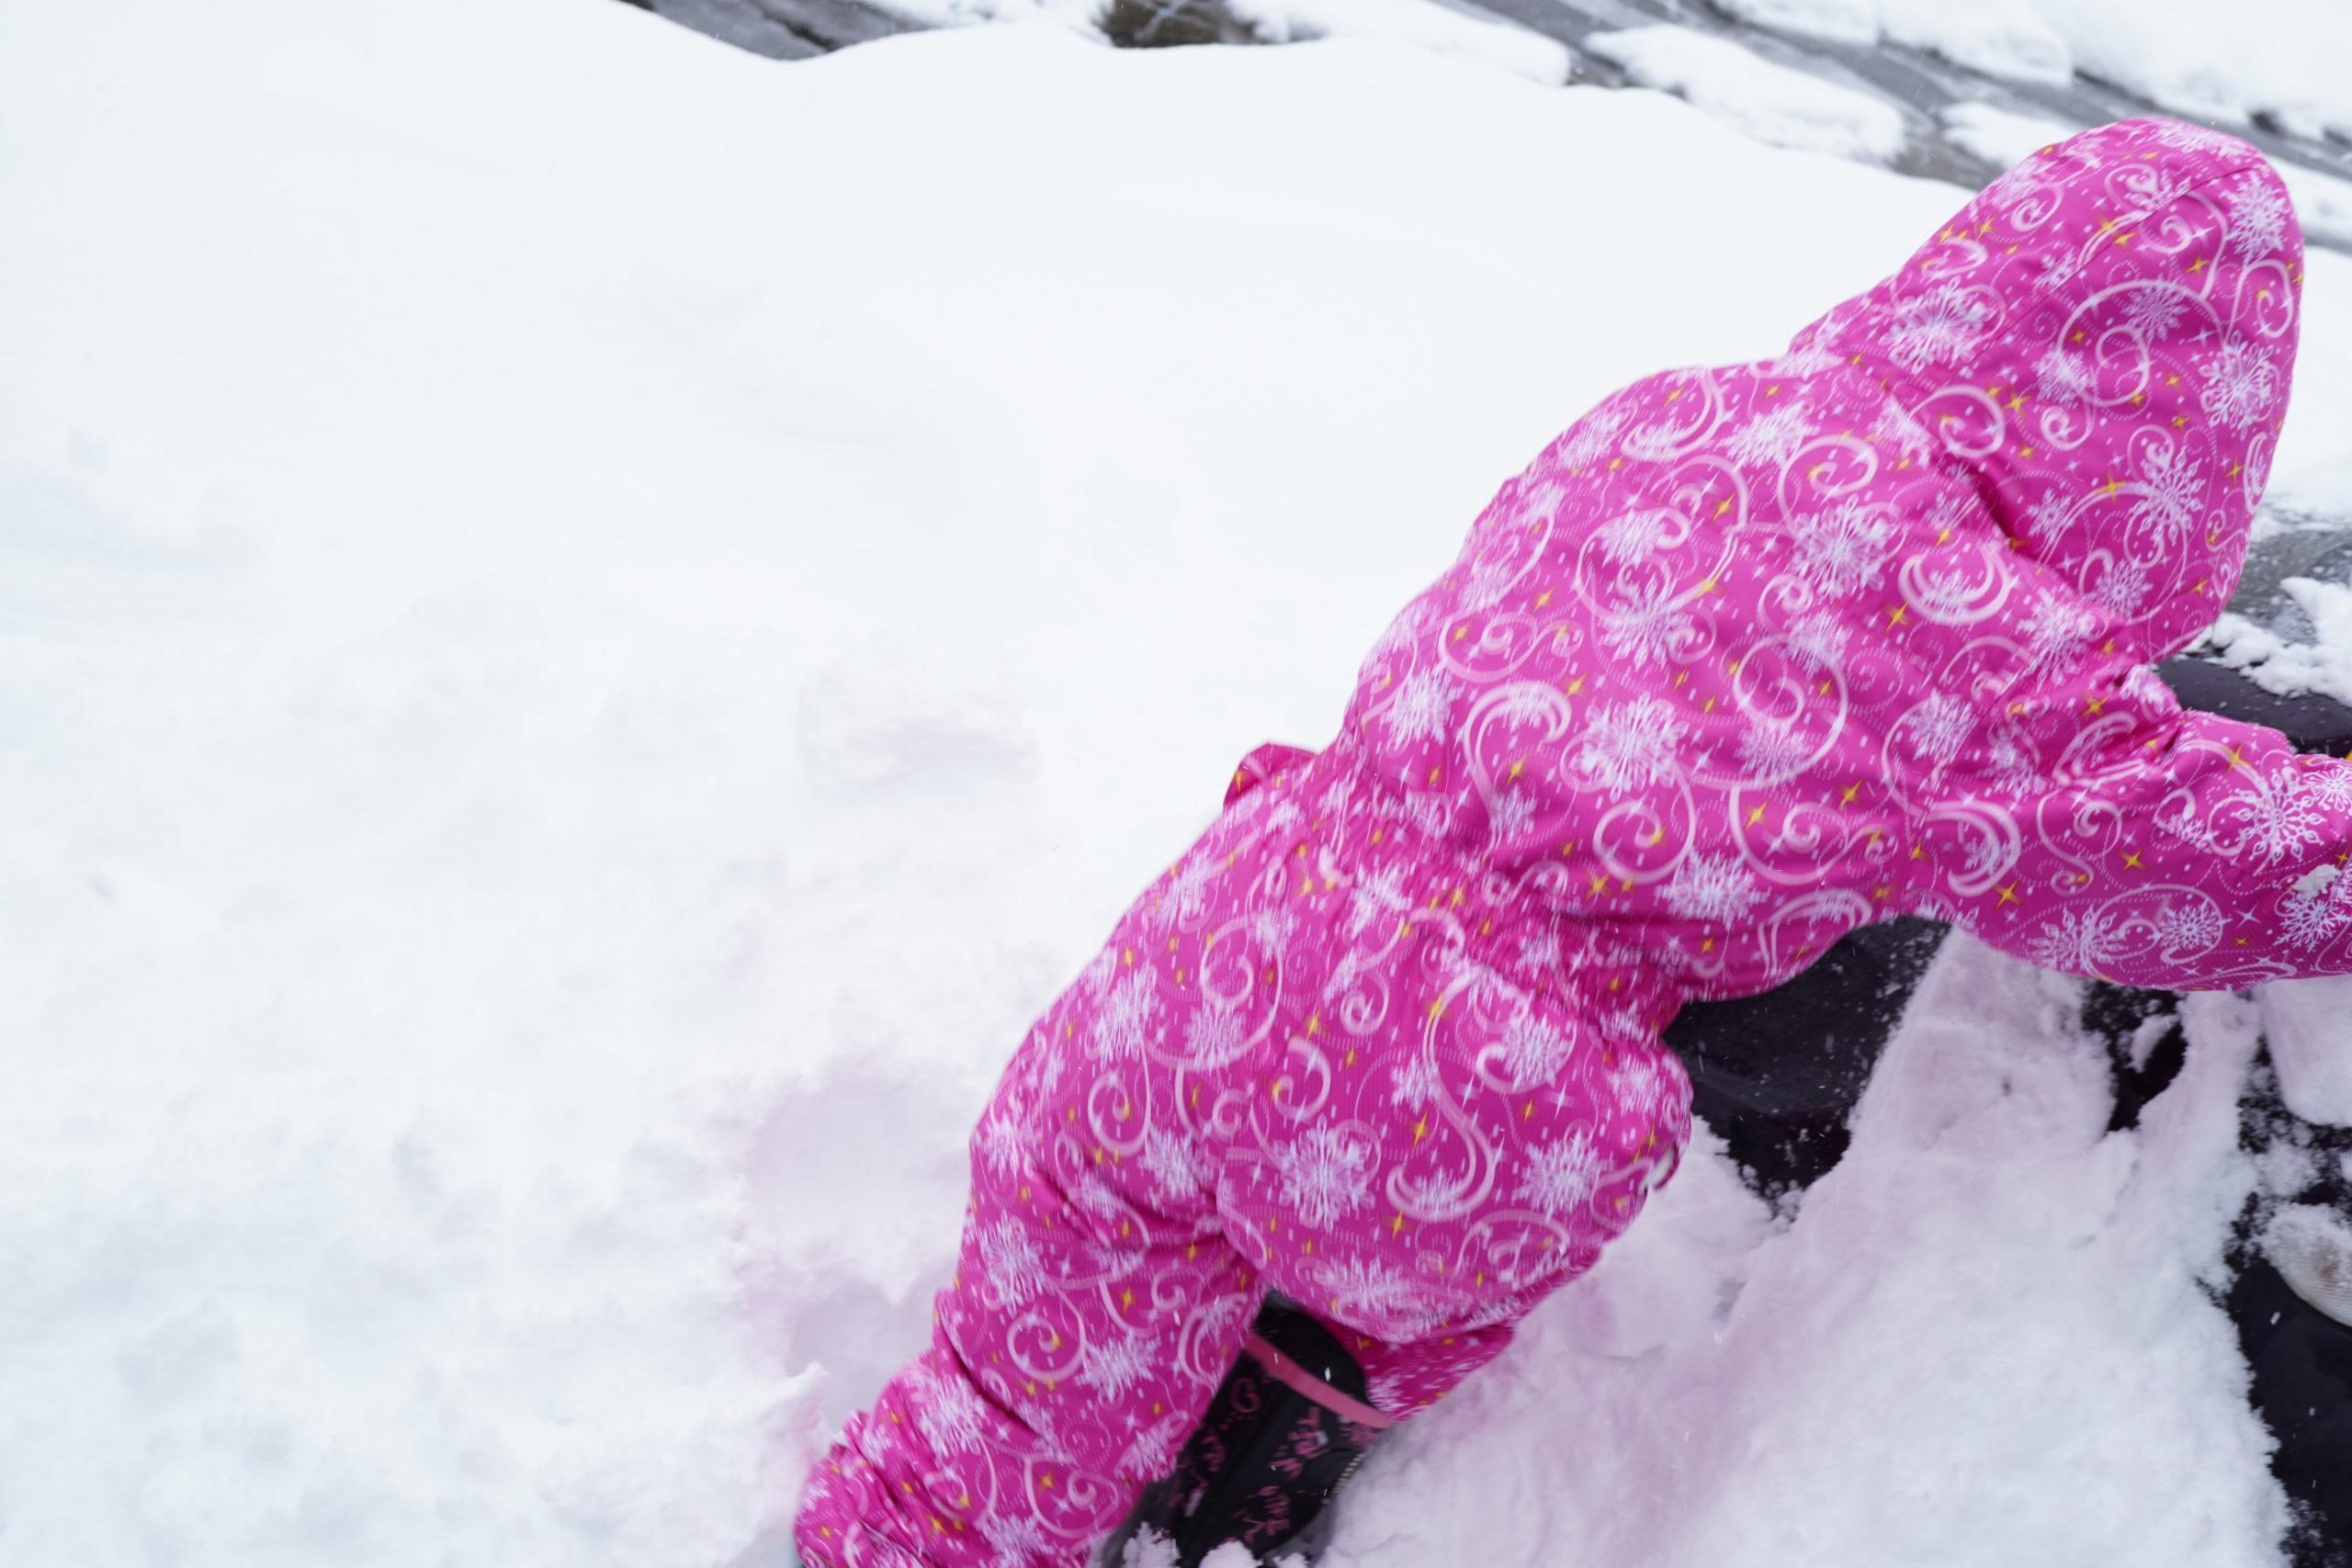 高岡市や富山市に【観測史上最高降雪量】!交通大混乱!